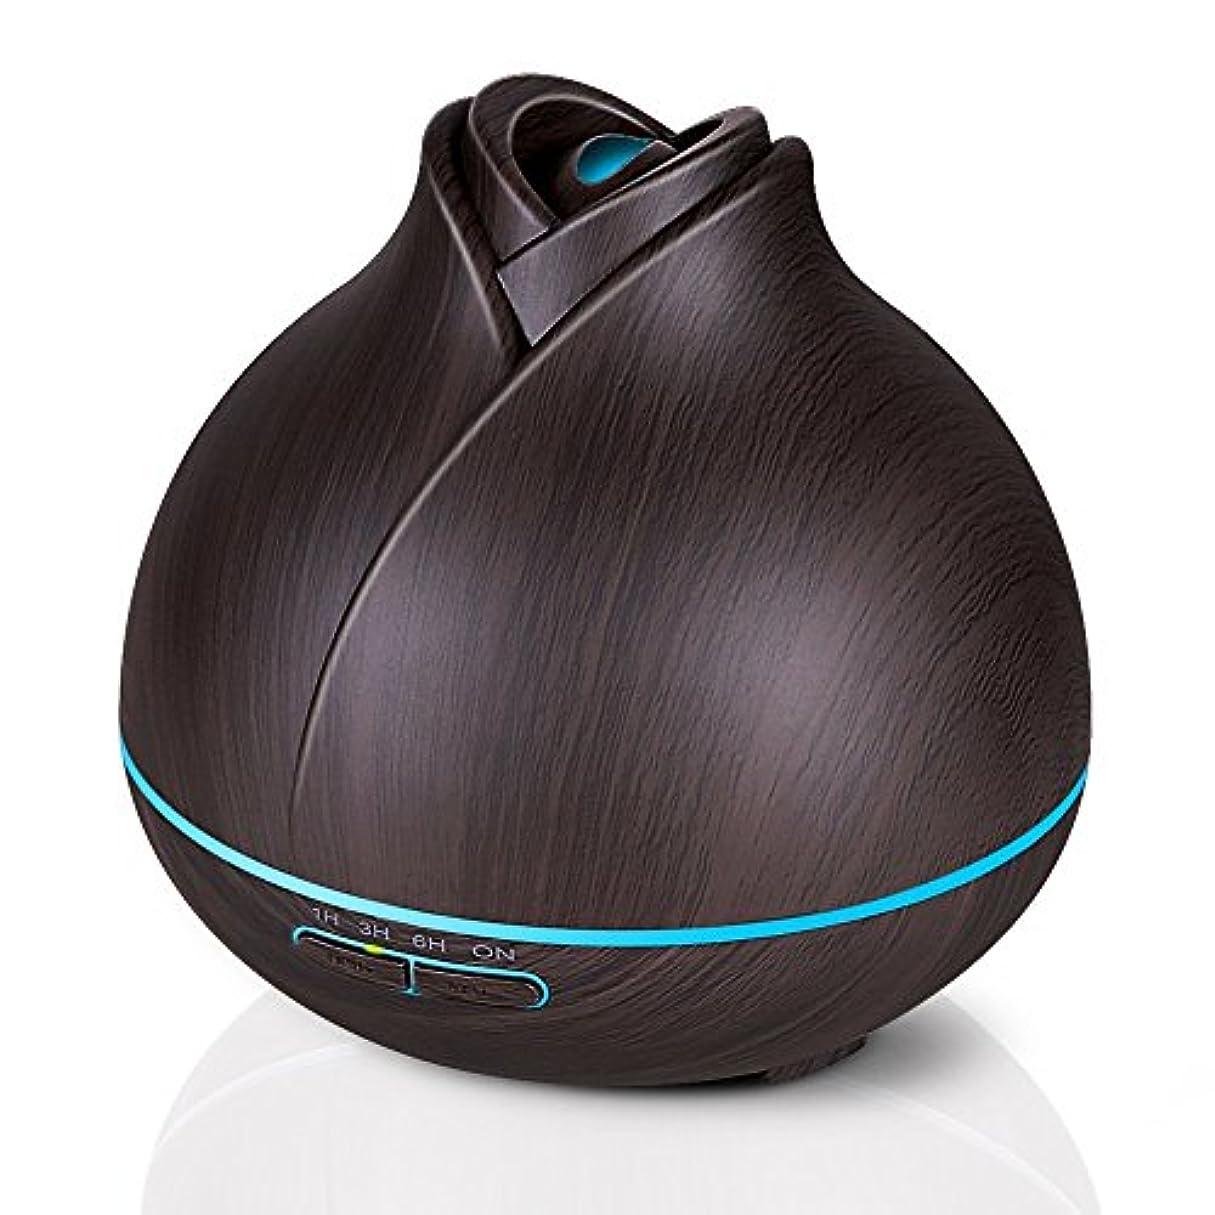 再び天しなやか400ミリリットル木目調アロマセラピーディフューザーエッセンシャルオイル用2ミストモード4タイマー設定、静かな加湿器用寝室、ホーム、オフィス,deepgrain